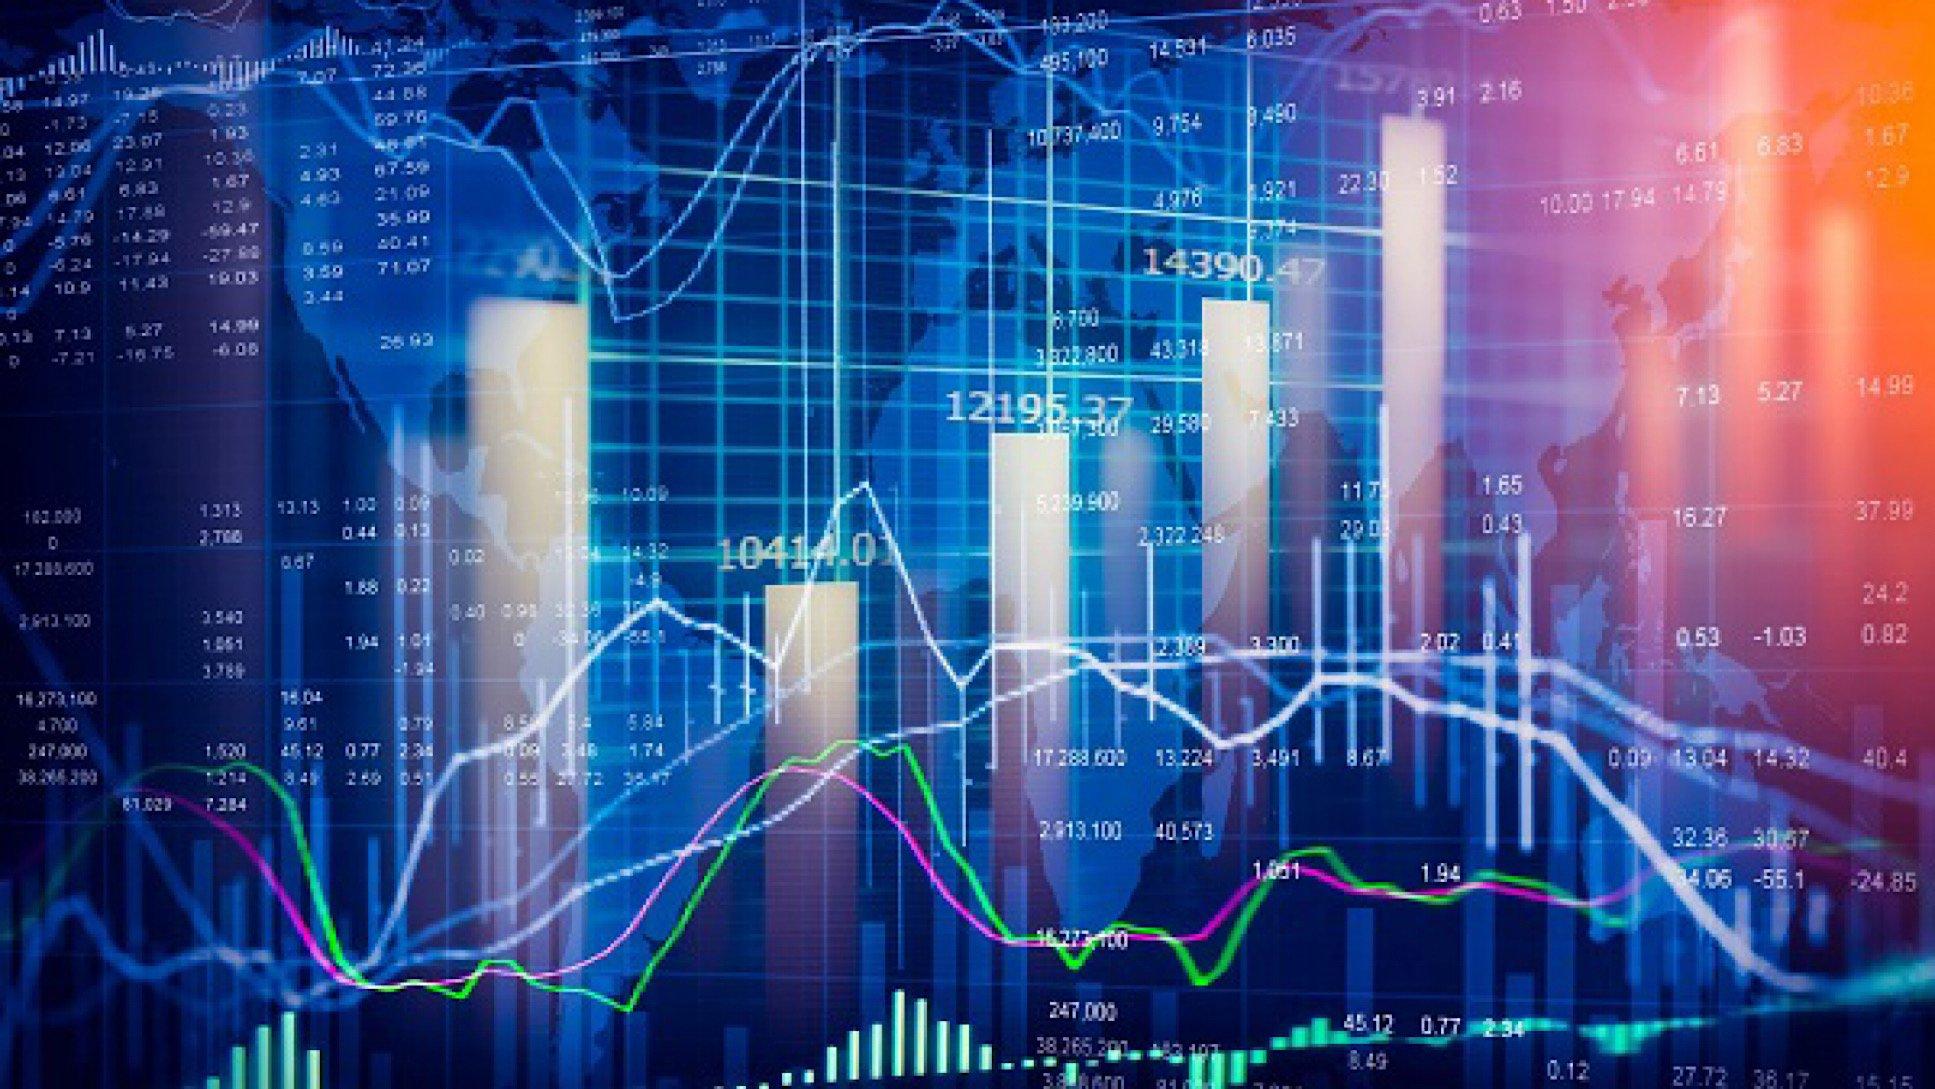 Изображение Аналитический обзор основных новостей фондового рынка: вакцина от AstraZeneca, ракетный удар по Saudi Aramco, передача власти Байдену